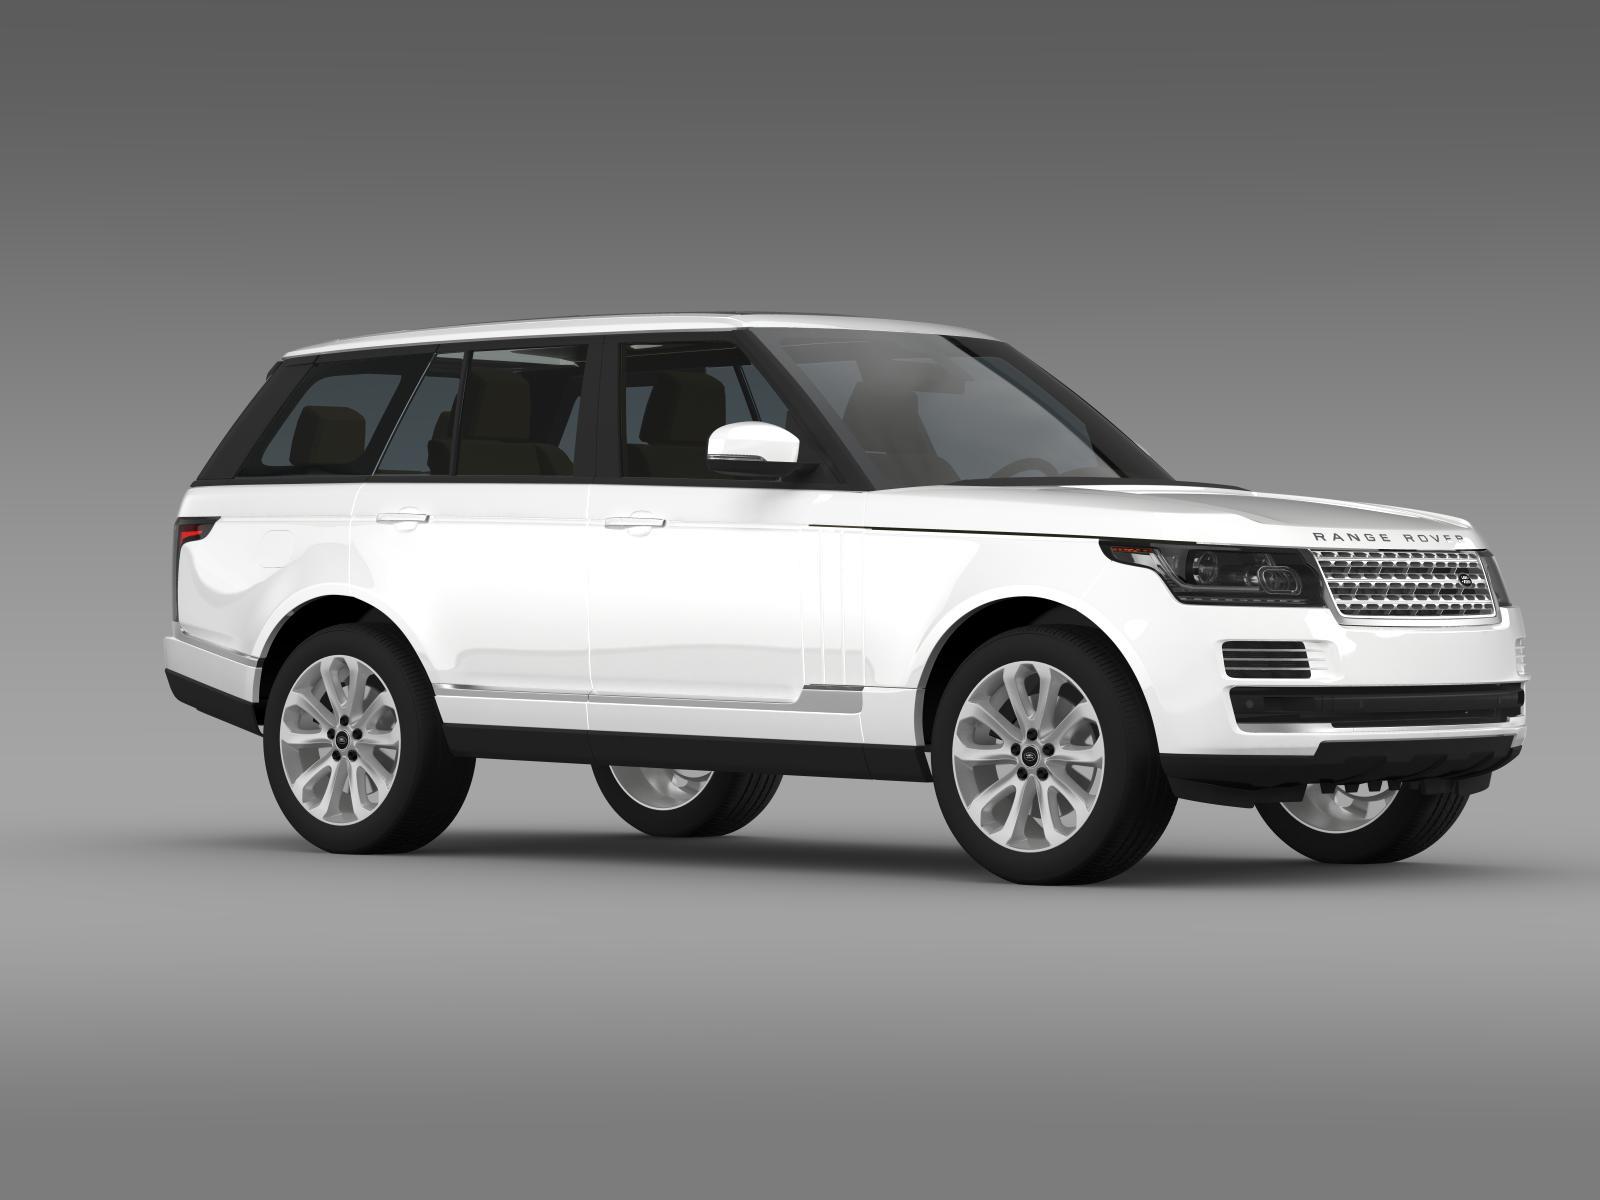 range rover vogue se tdv6 l405 3d model buy range rover. Black Bedroom Furniture Sets. Home Design Ideas